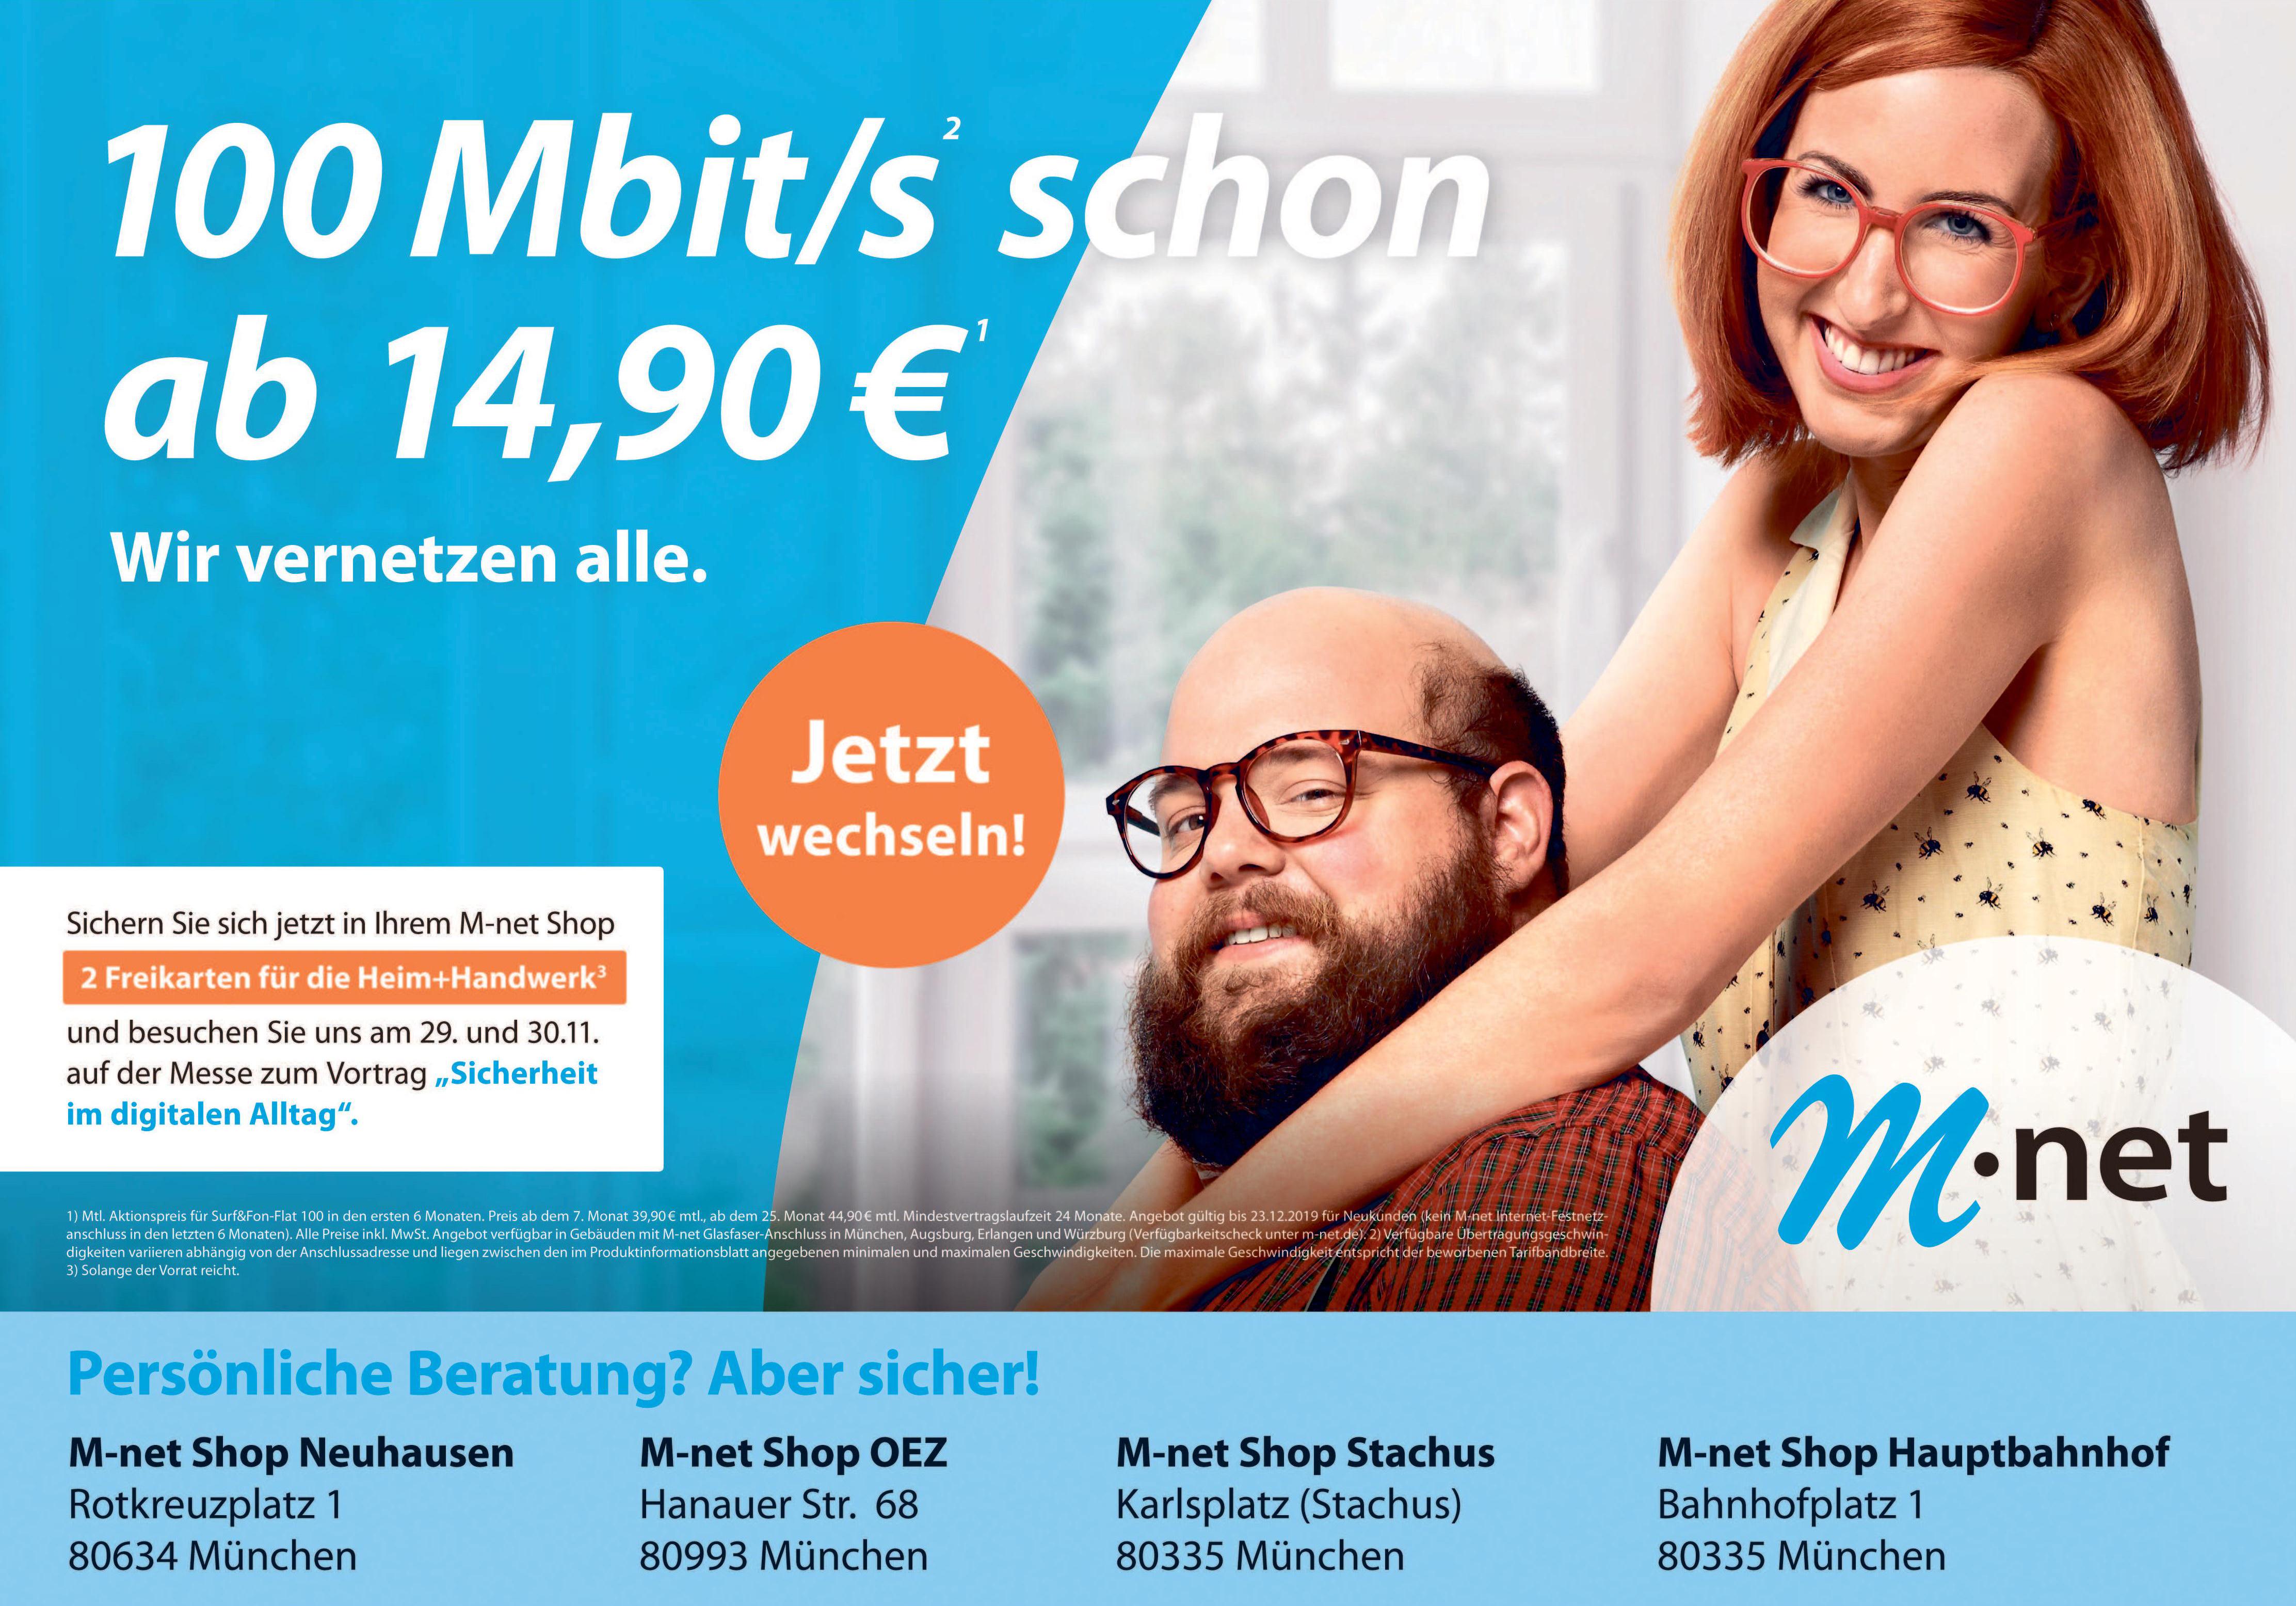 M-net Shop Neuhausen